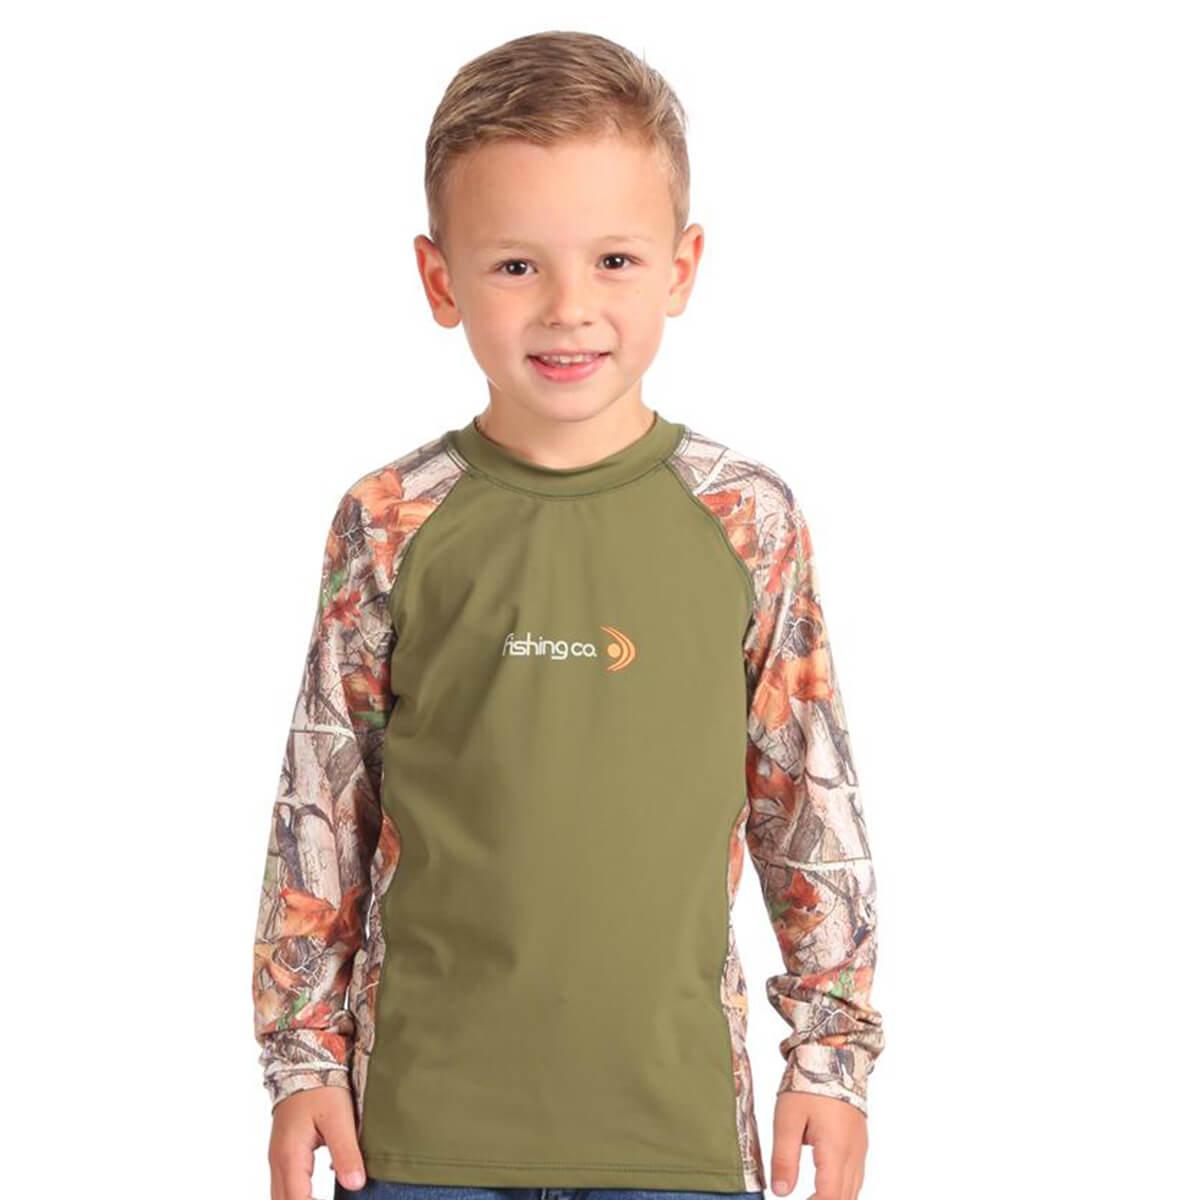 Camiseta Fishing Co Infantil 12 anos Estampada